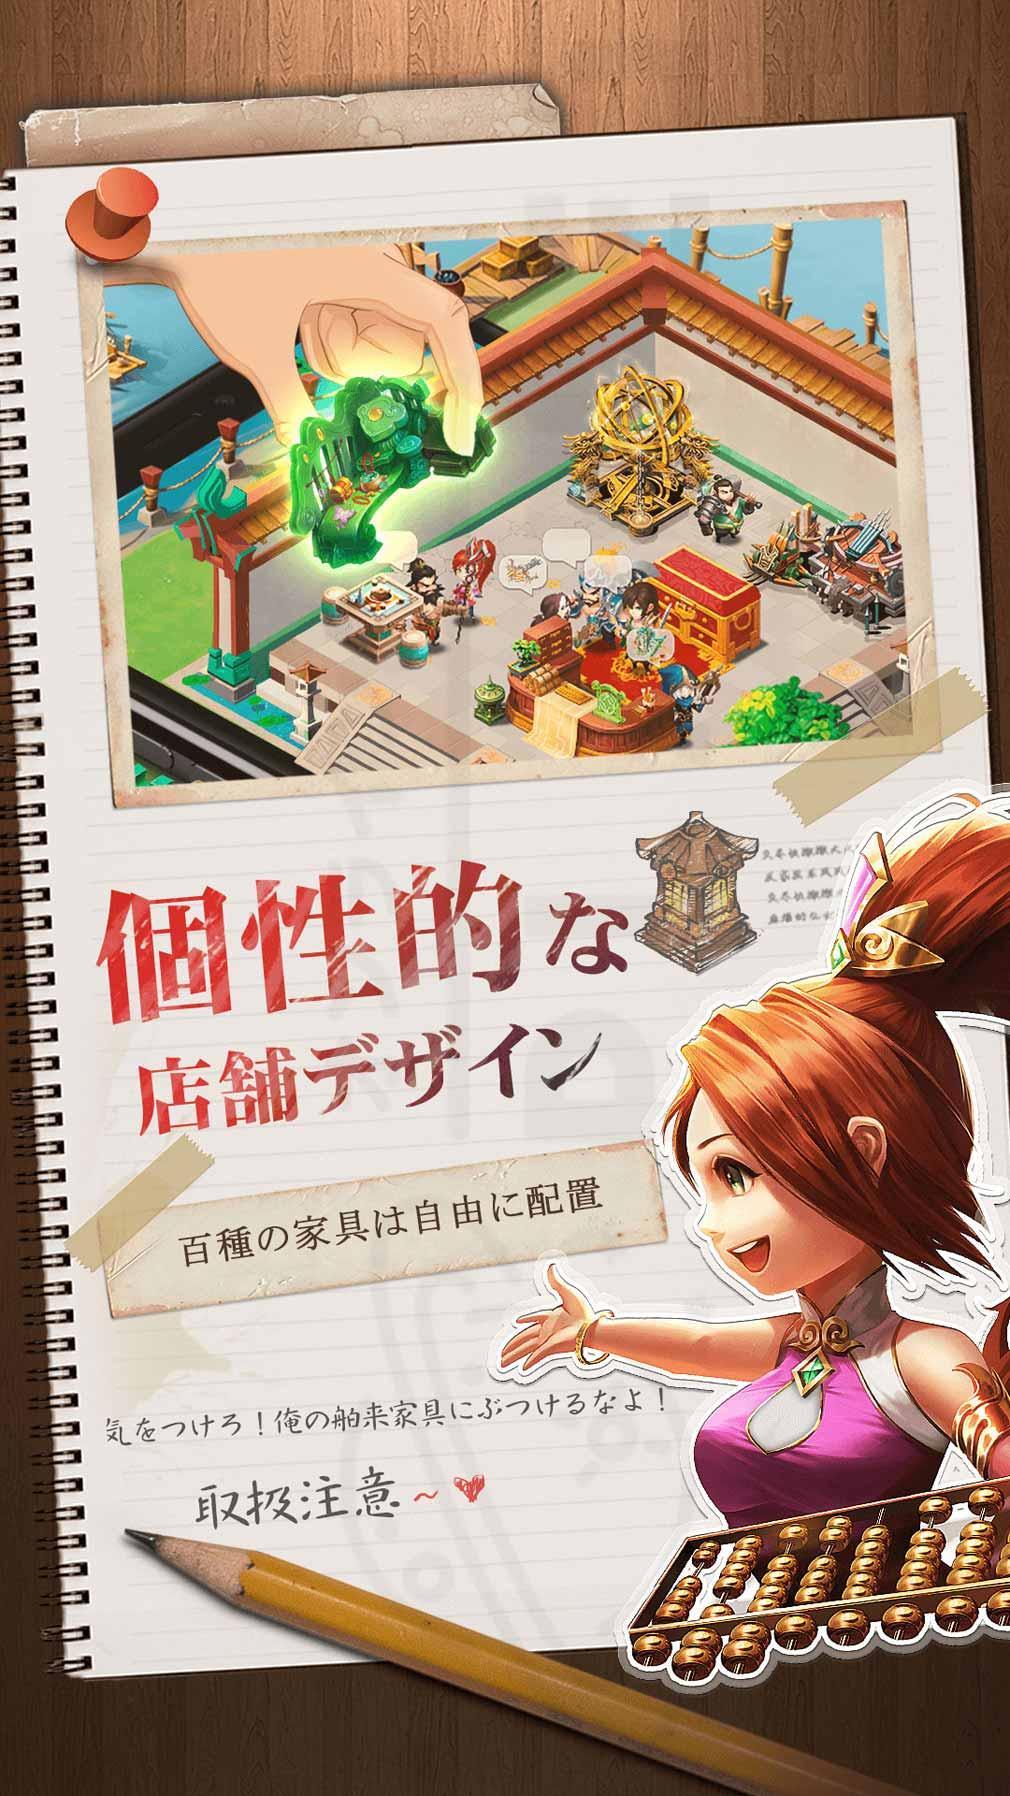 三国鍛冶物語 最高の商会を目指せ 店舗デザイン紹介イメージ